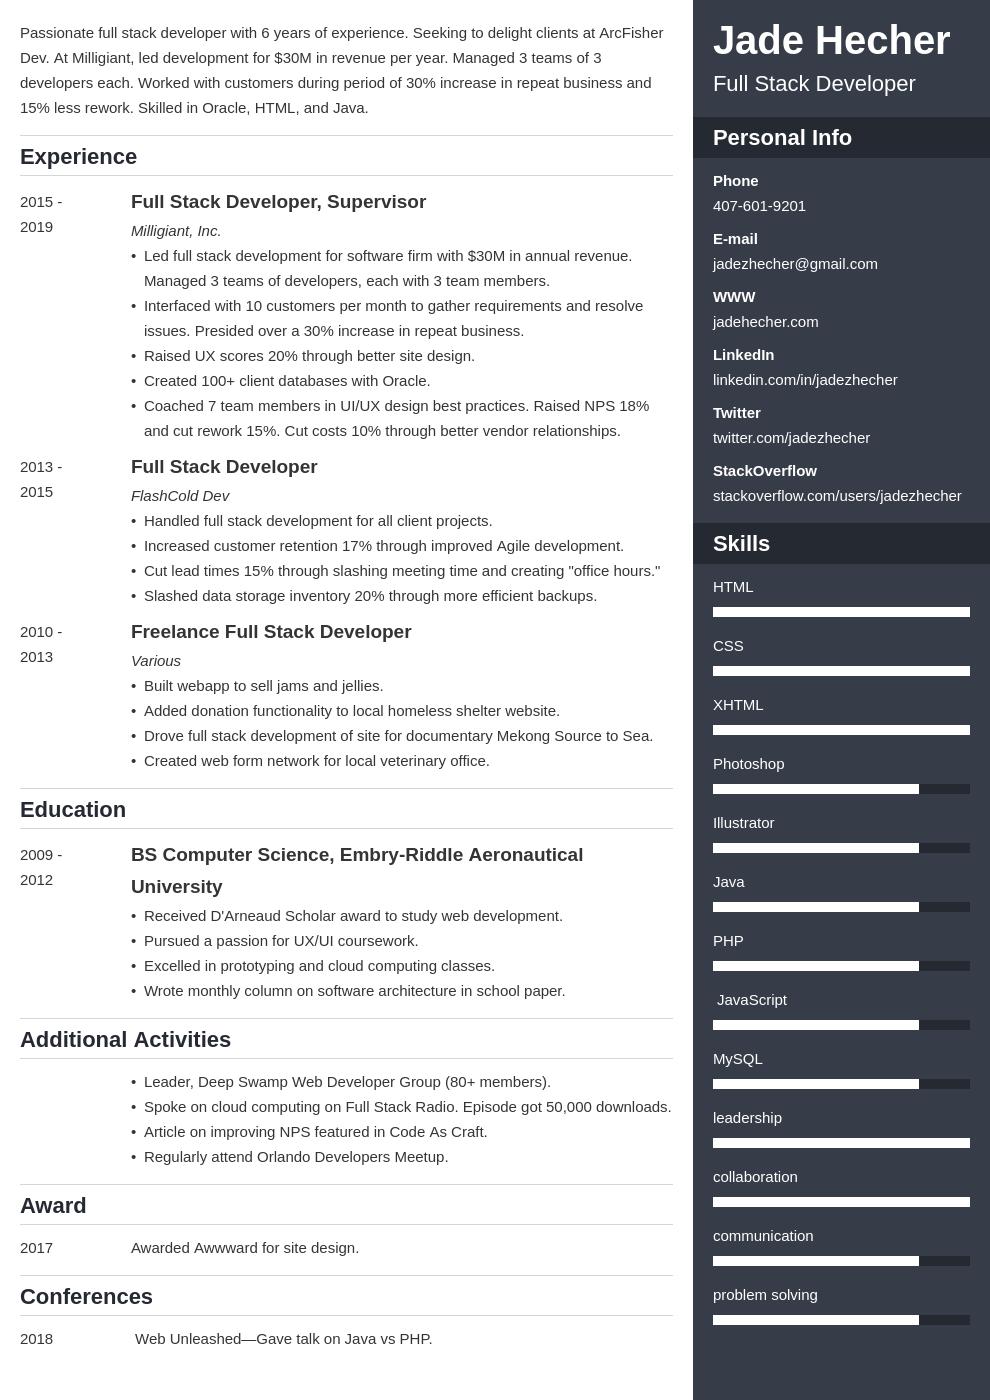 full stack developer template enfold uk